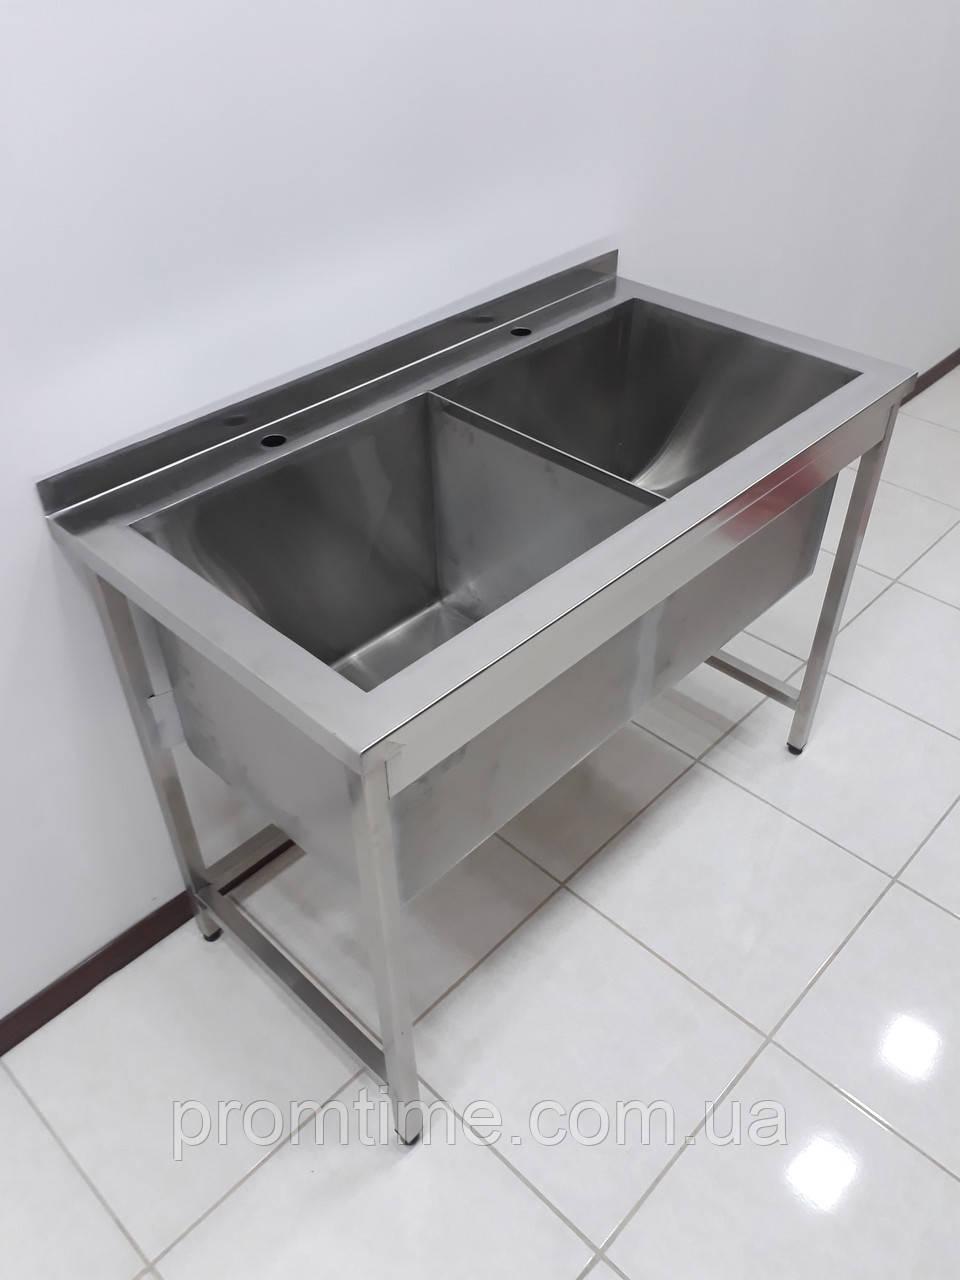 Ванна моечная из нержавеющей стали 1160х500х850